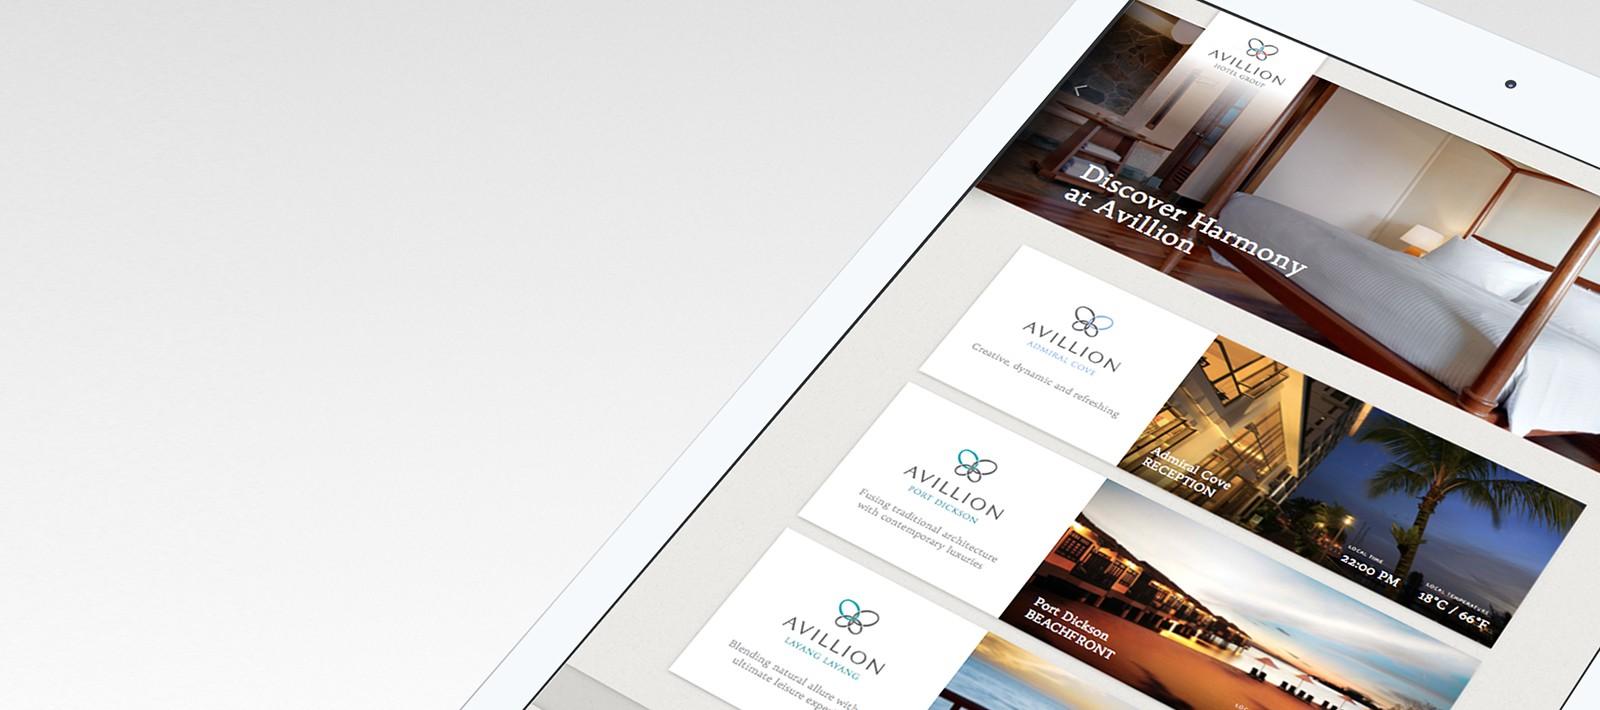 Hotel social media marketing strategy